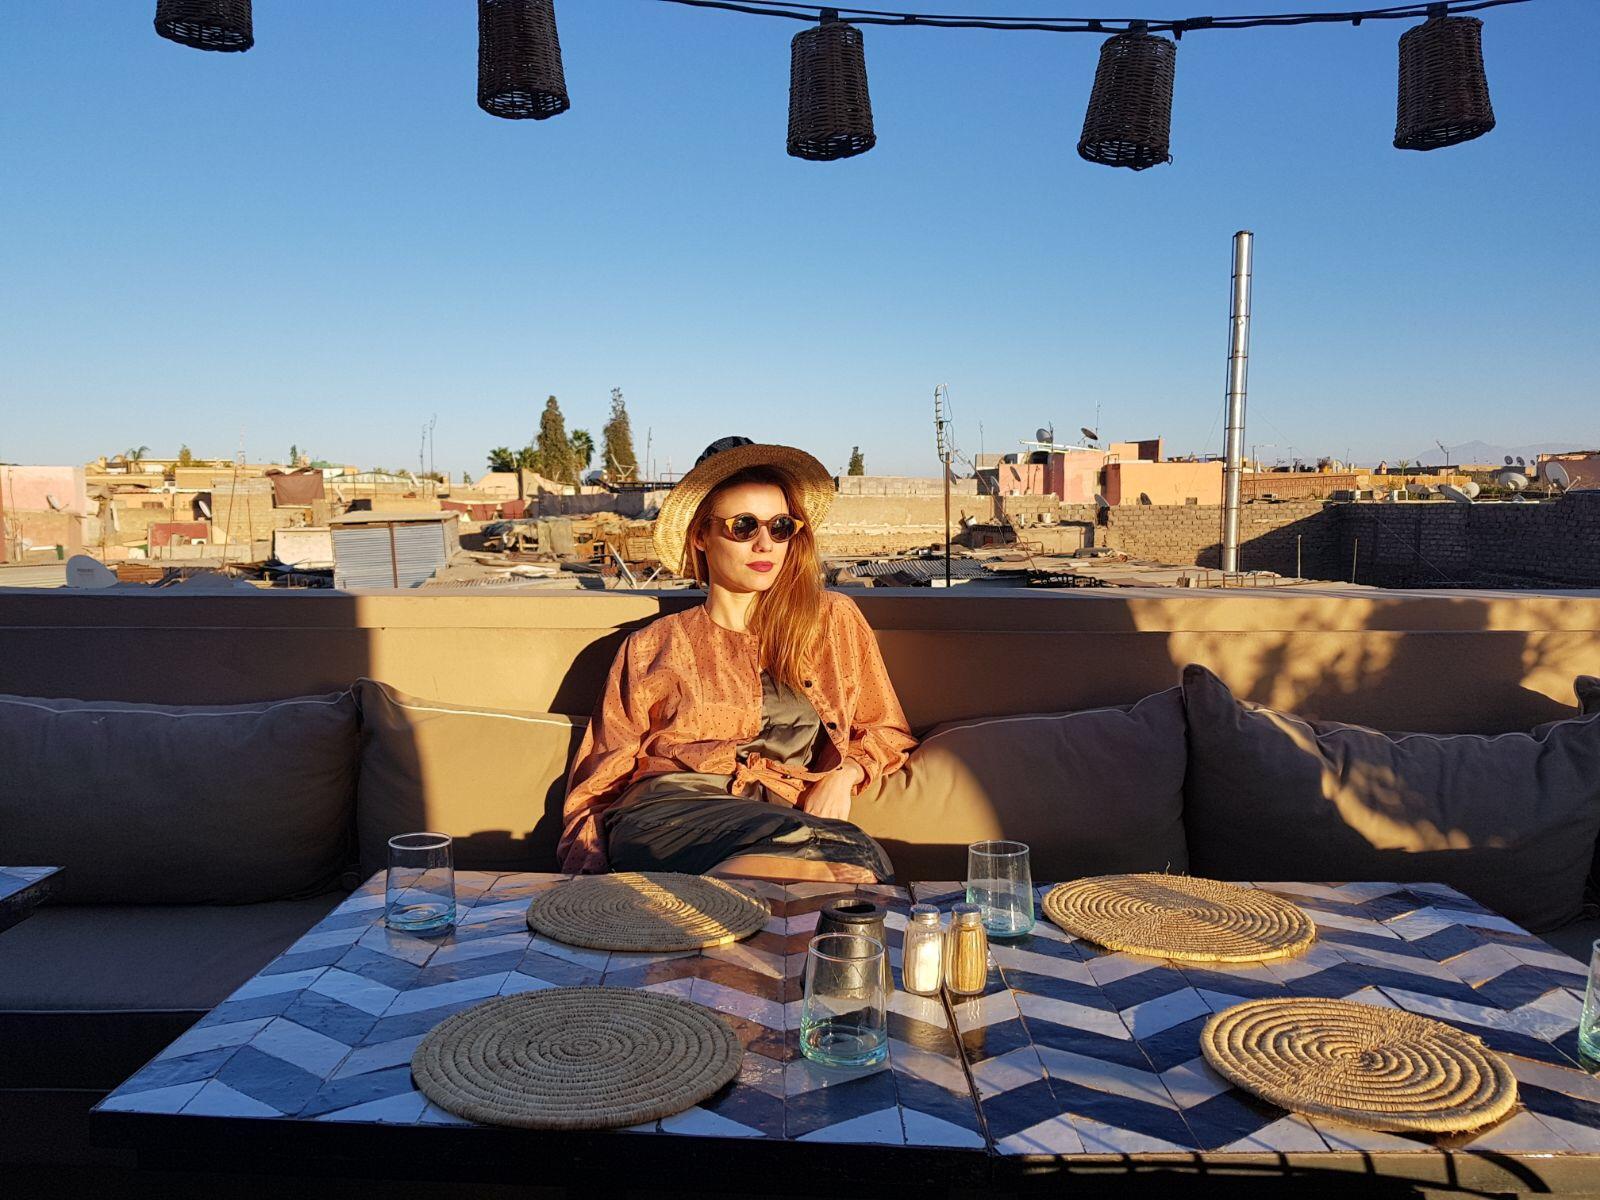 UASZ_Marrocos_6